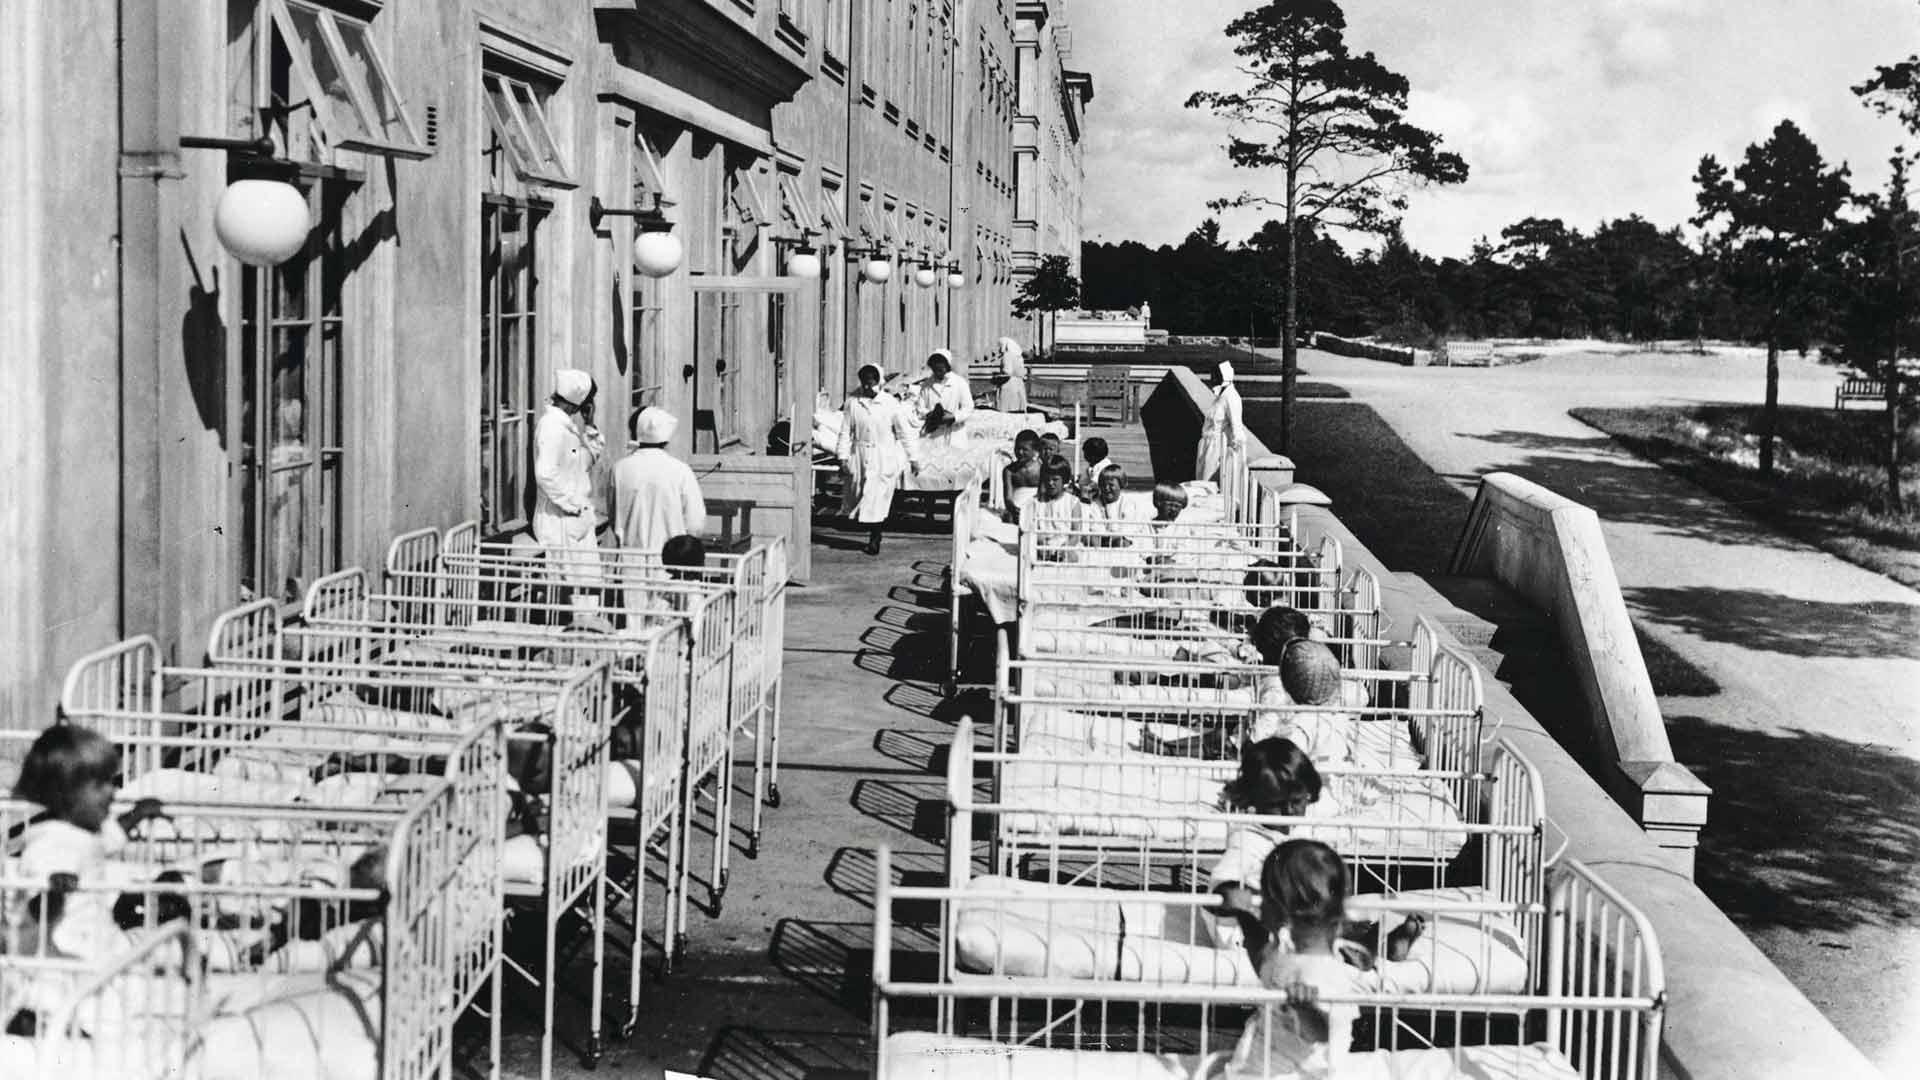 Lapsipotilaita 1930-luvulla Laakson sairaalan ulkomakuusalissa Helsingissä.